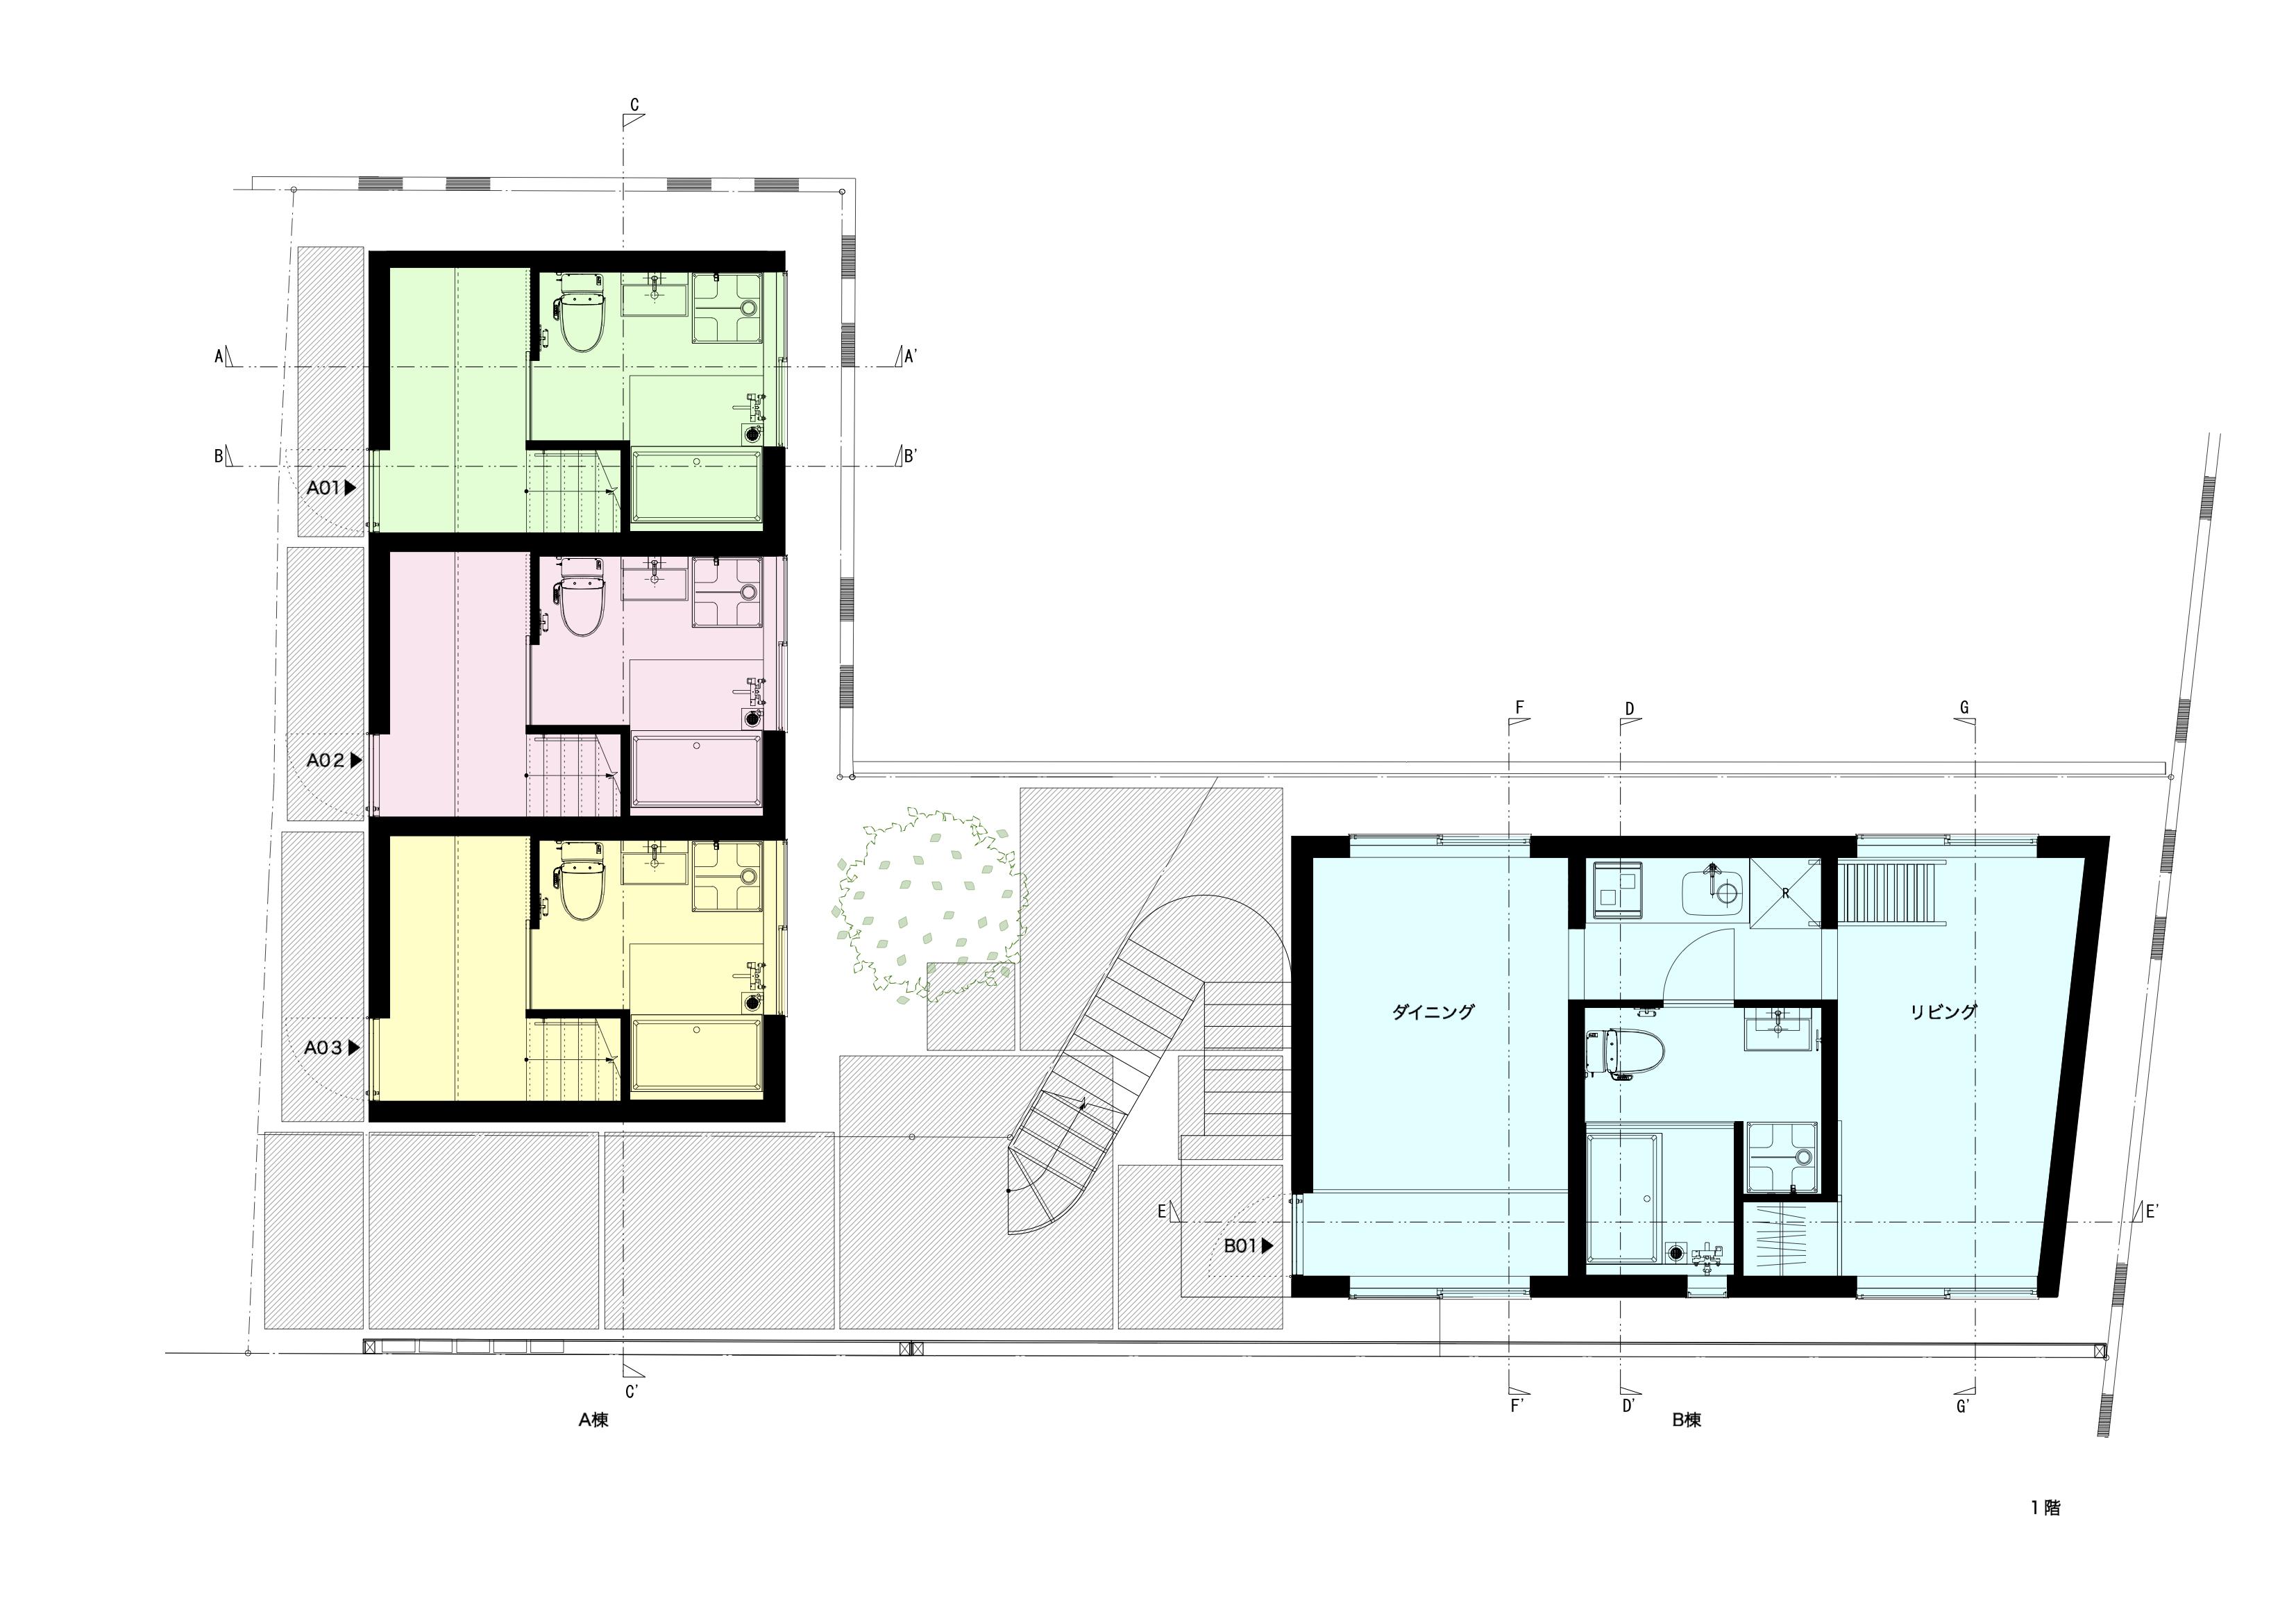 Maison De Kiitos_1階